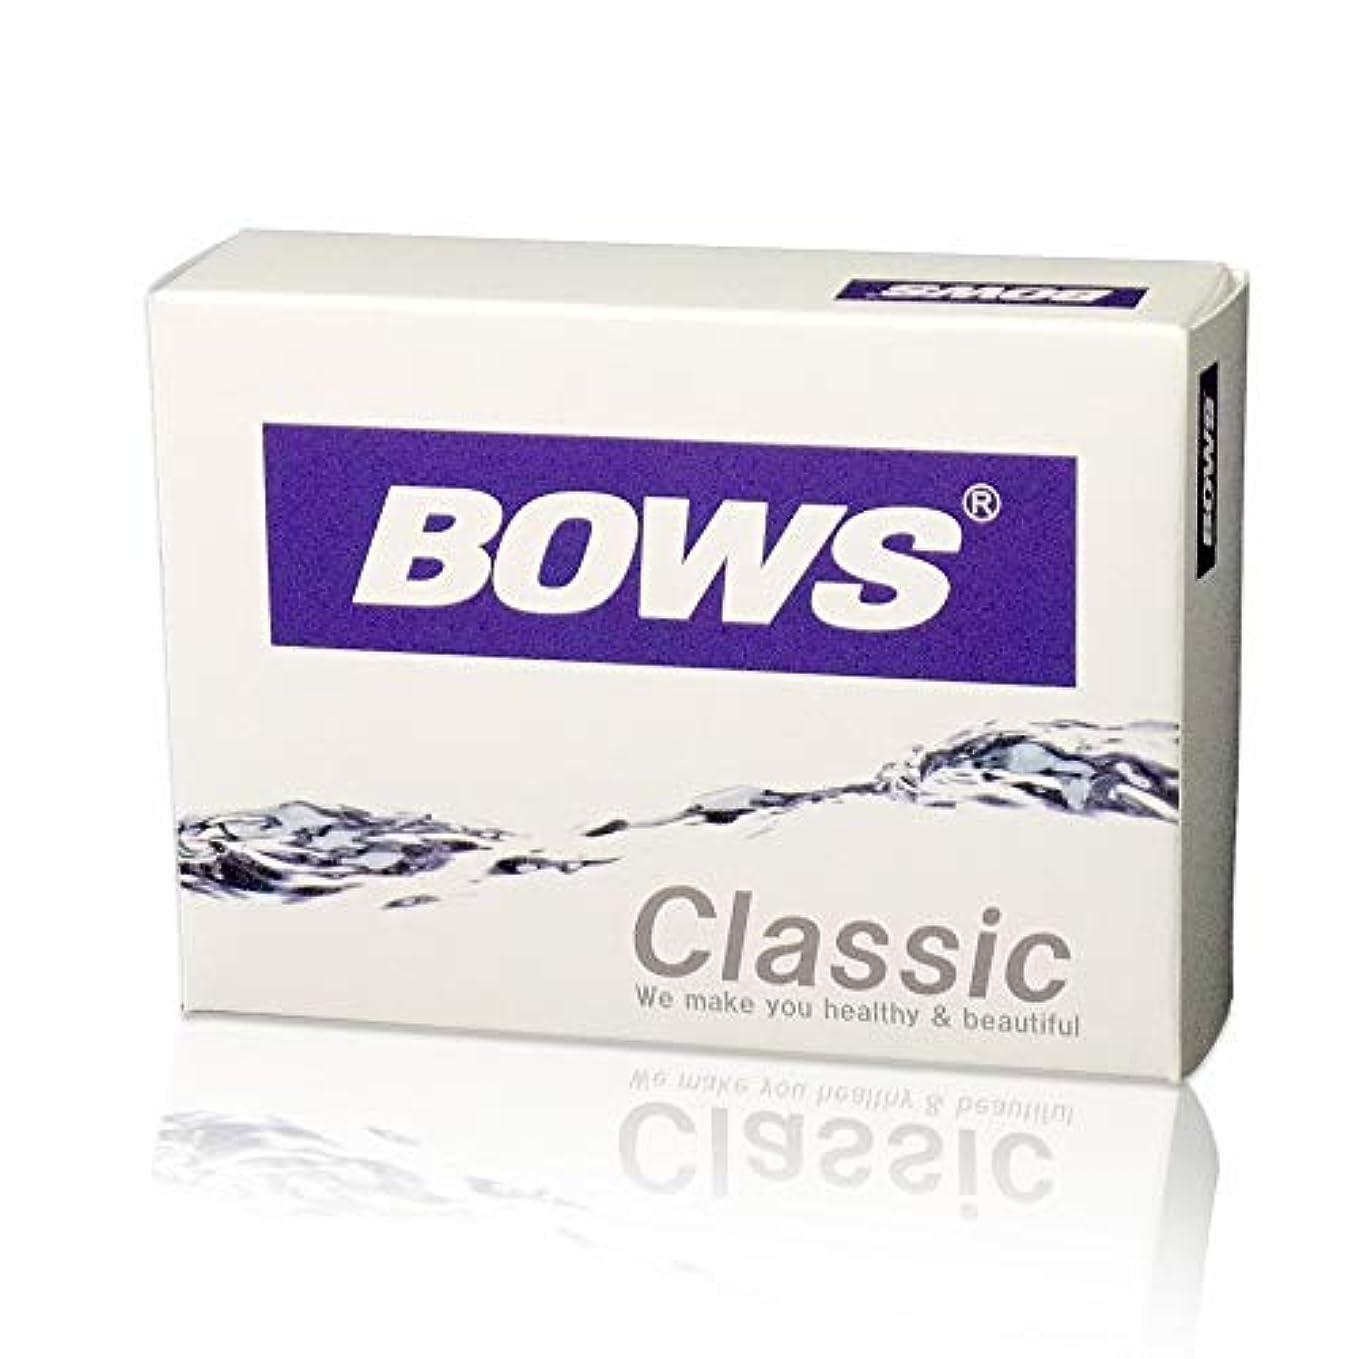 自発延期するアーカイブBOWS Classic(ボウス クラシック) 90g (30包)